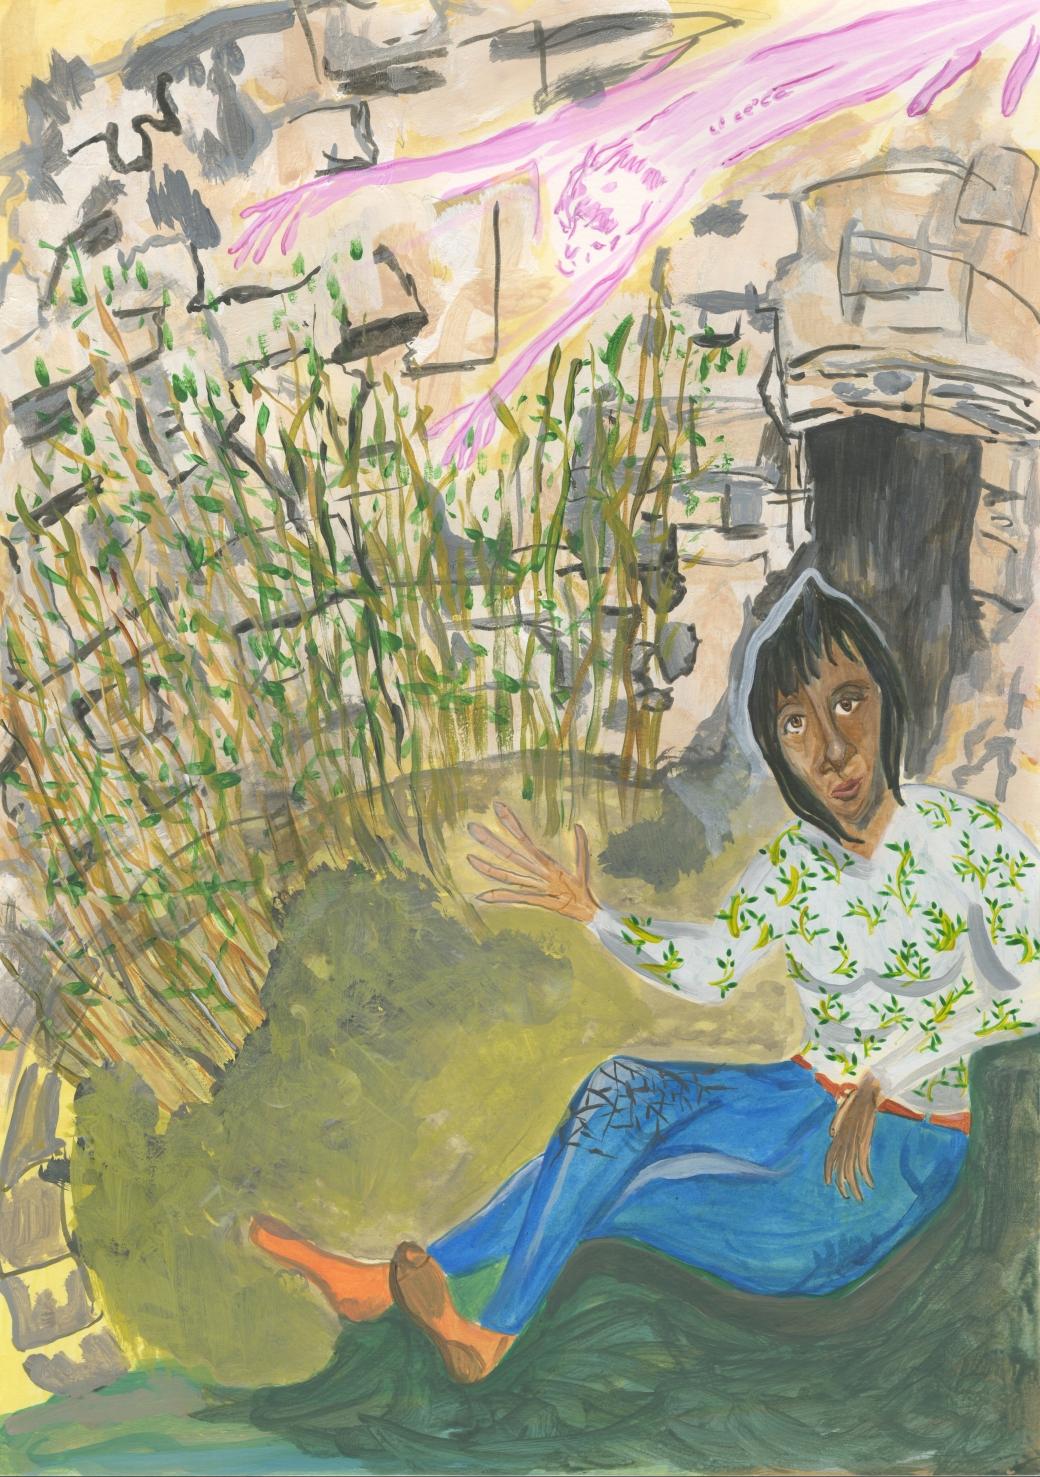 Anita Klein inspired